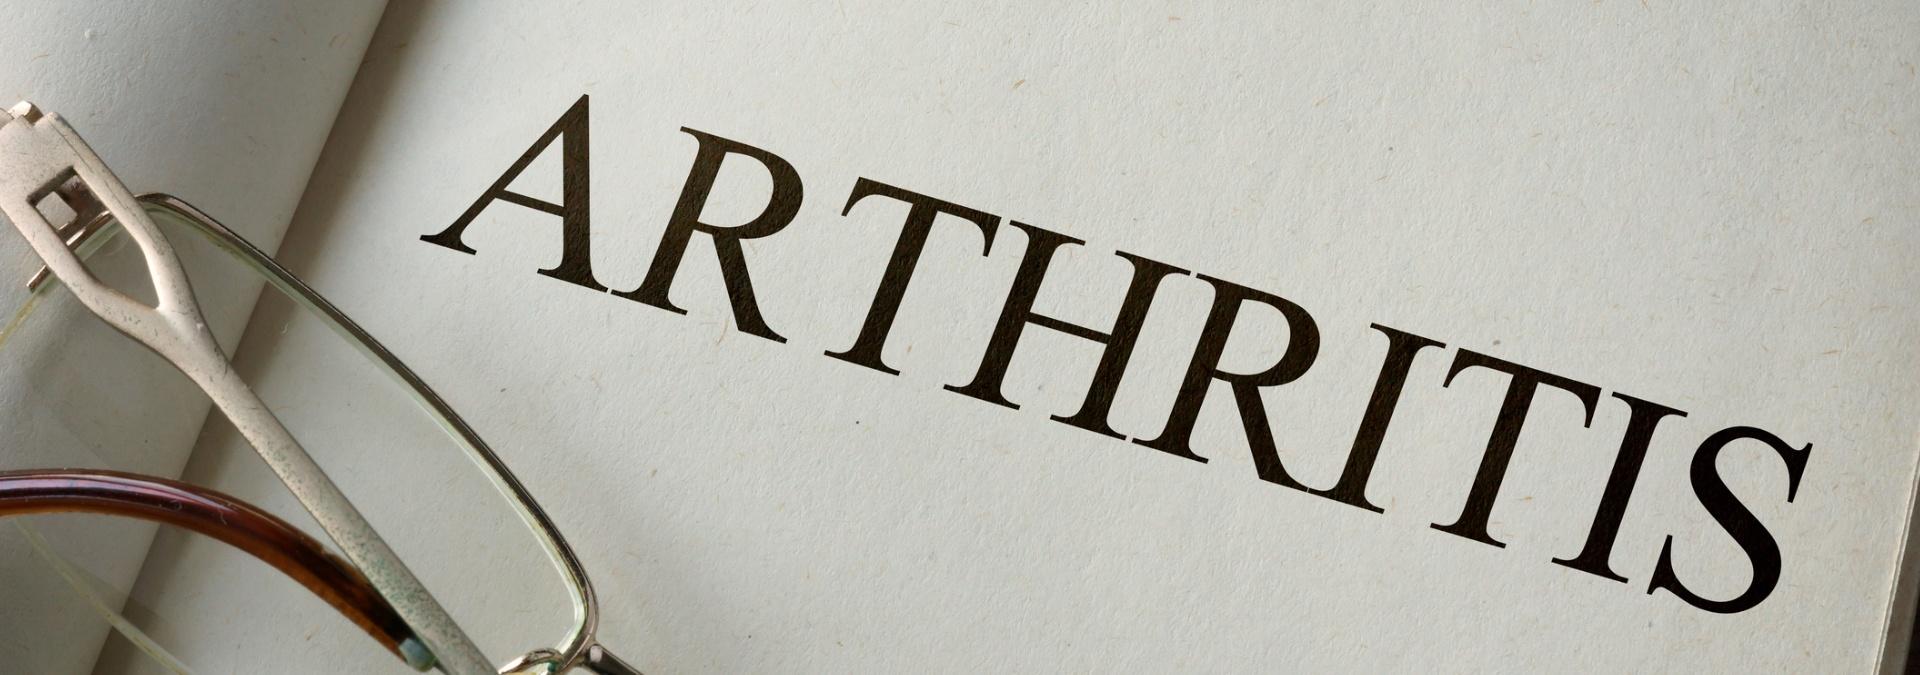 Rheumatoid Arthritis is